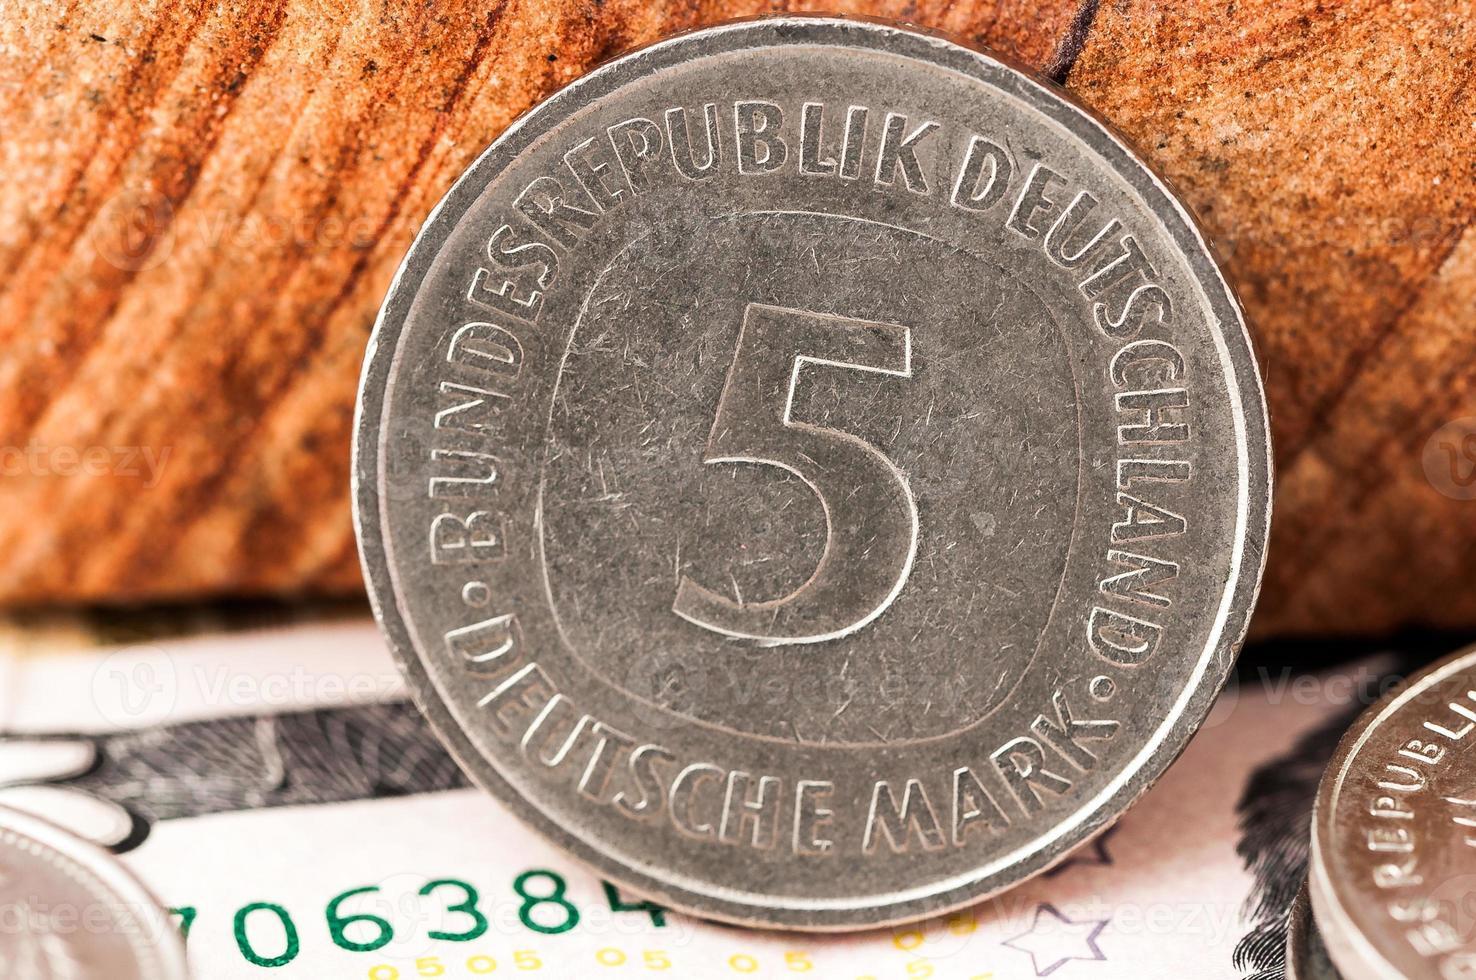 5 fünf deutsche mark bundesrepubik deutschland foto